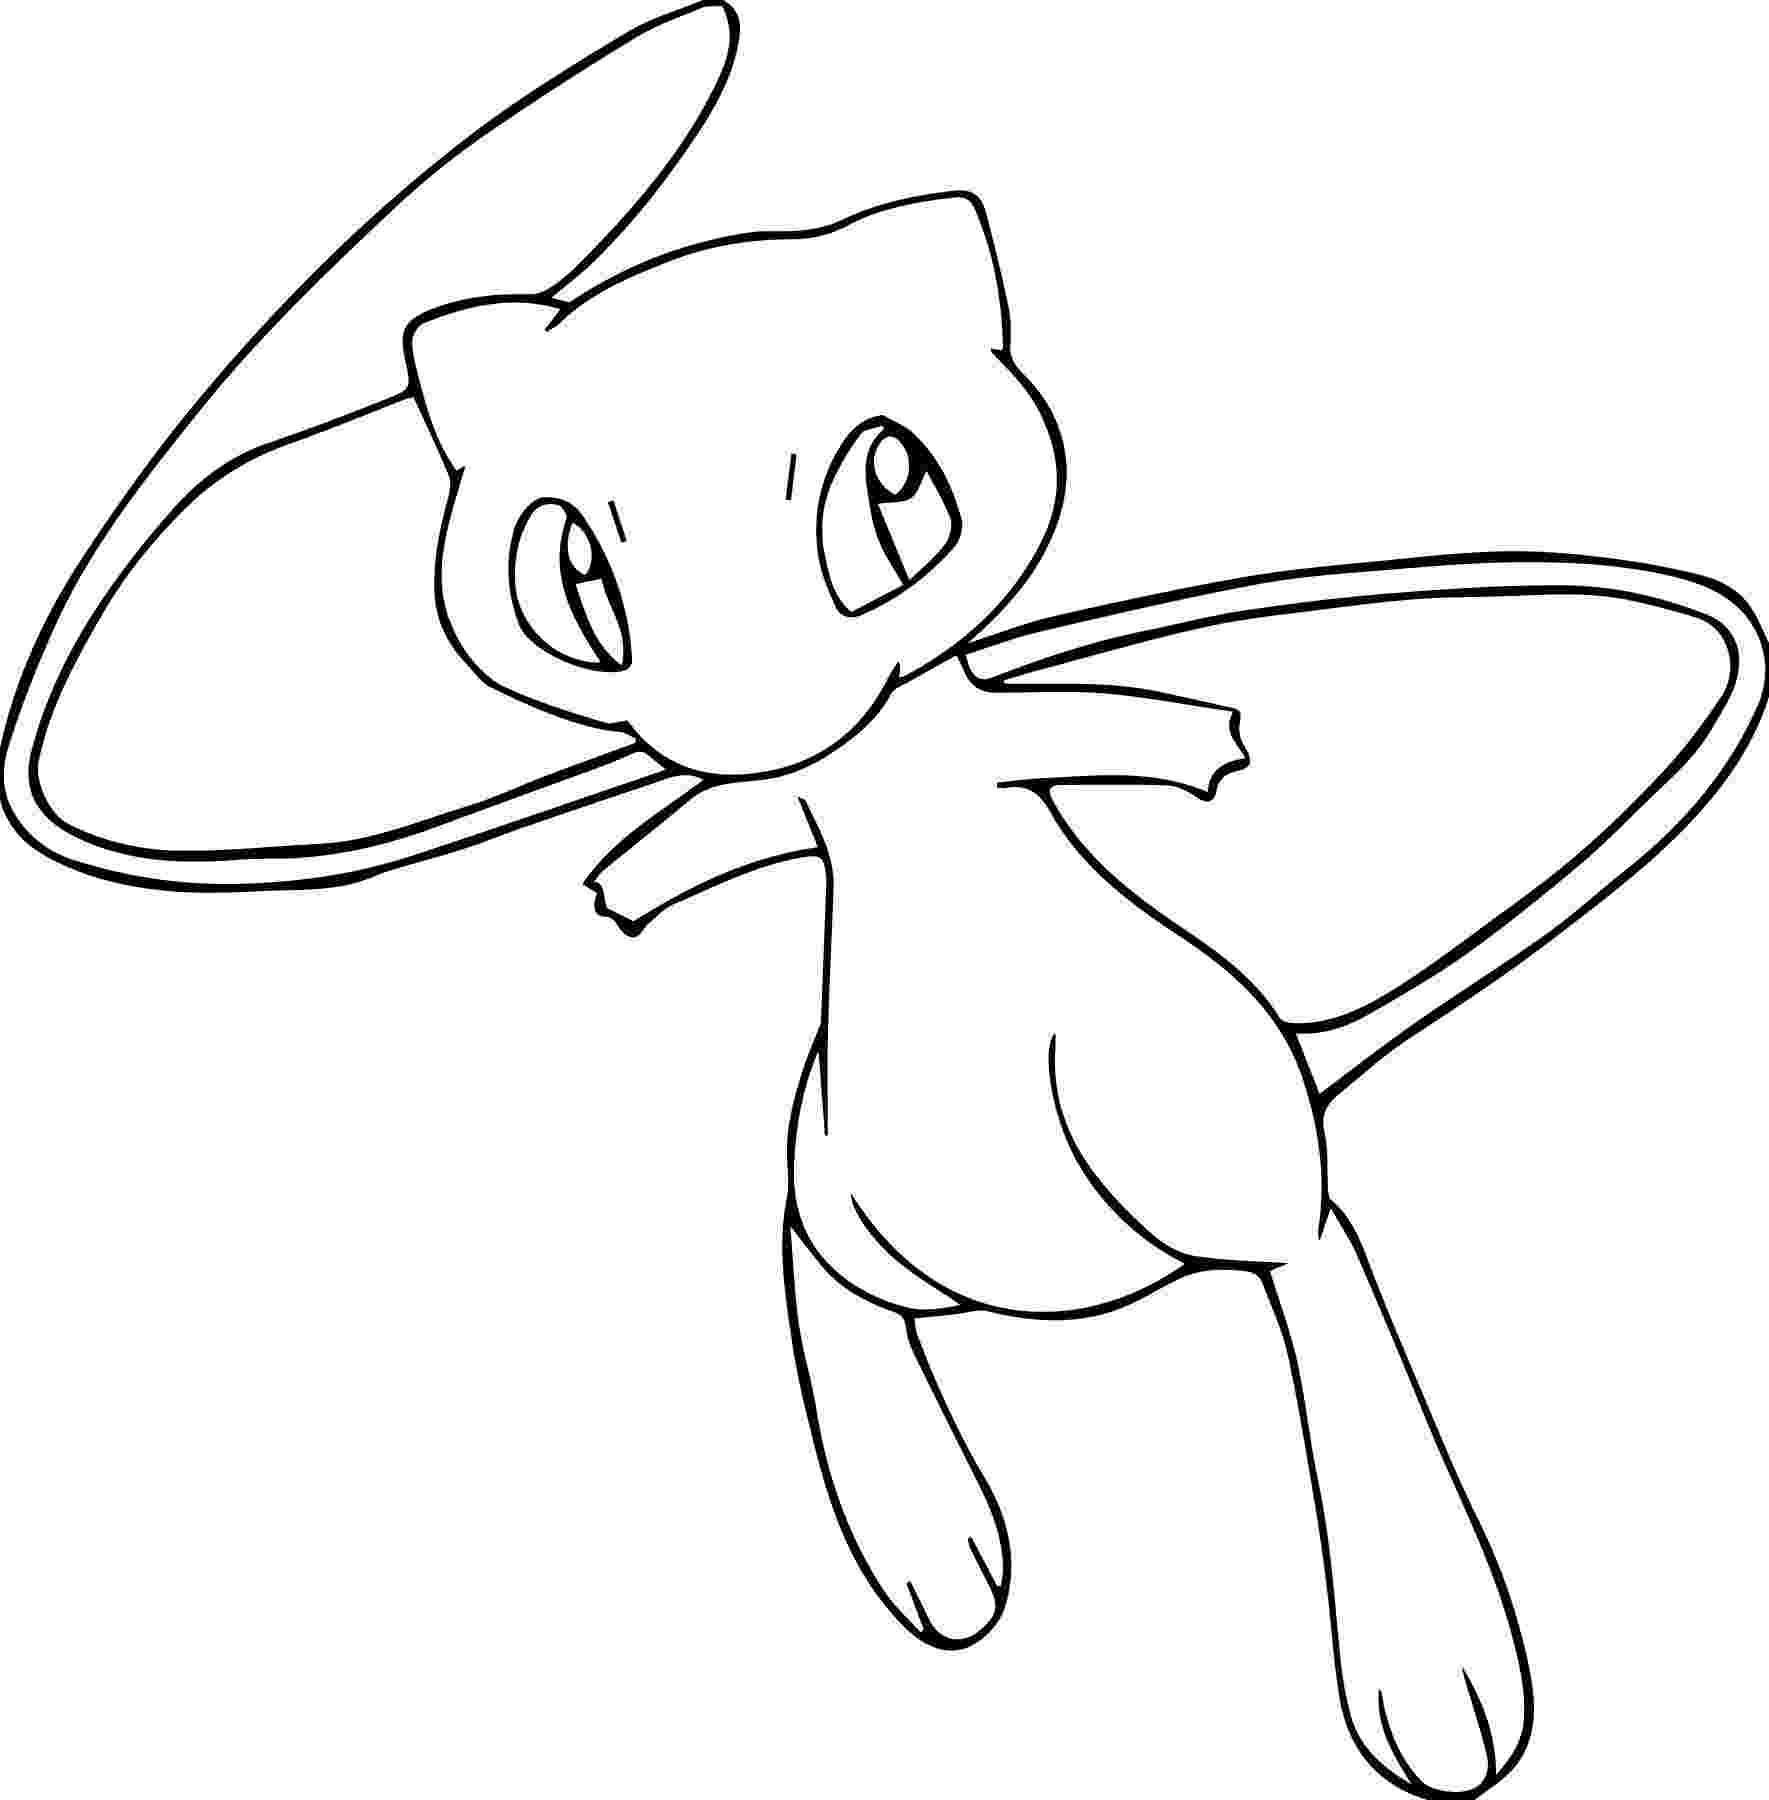 pokemon mew coloring pages pokemon mew coloring page coloring home coloring pages pokemon mew